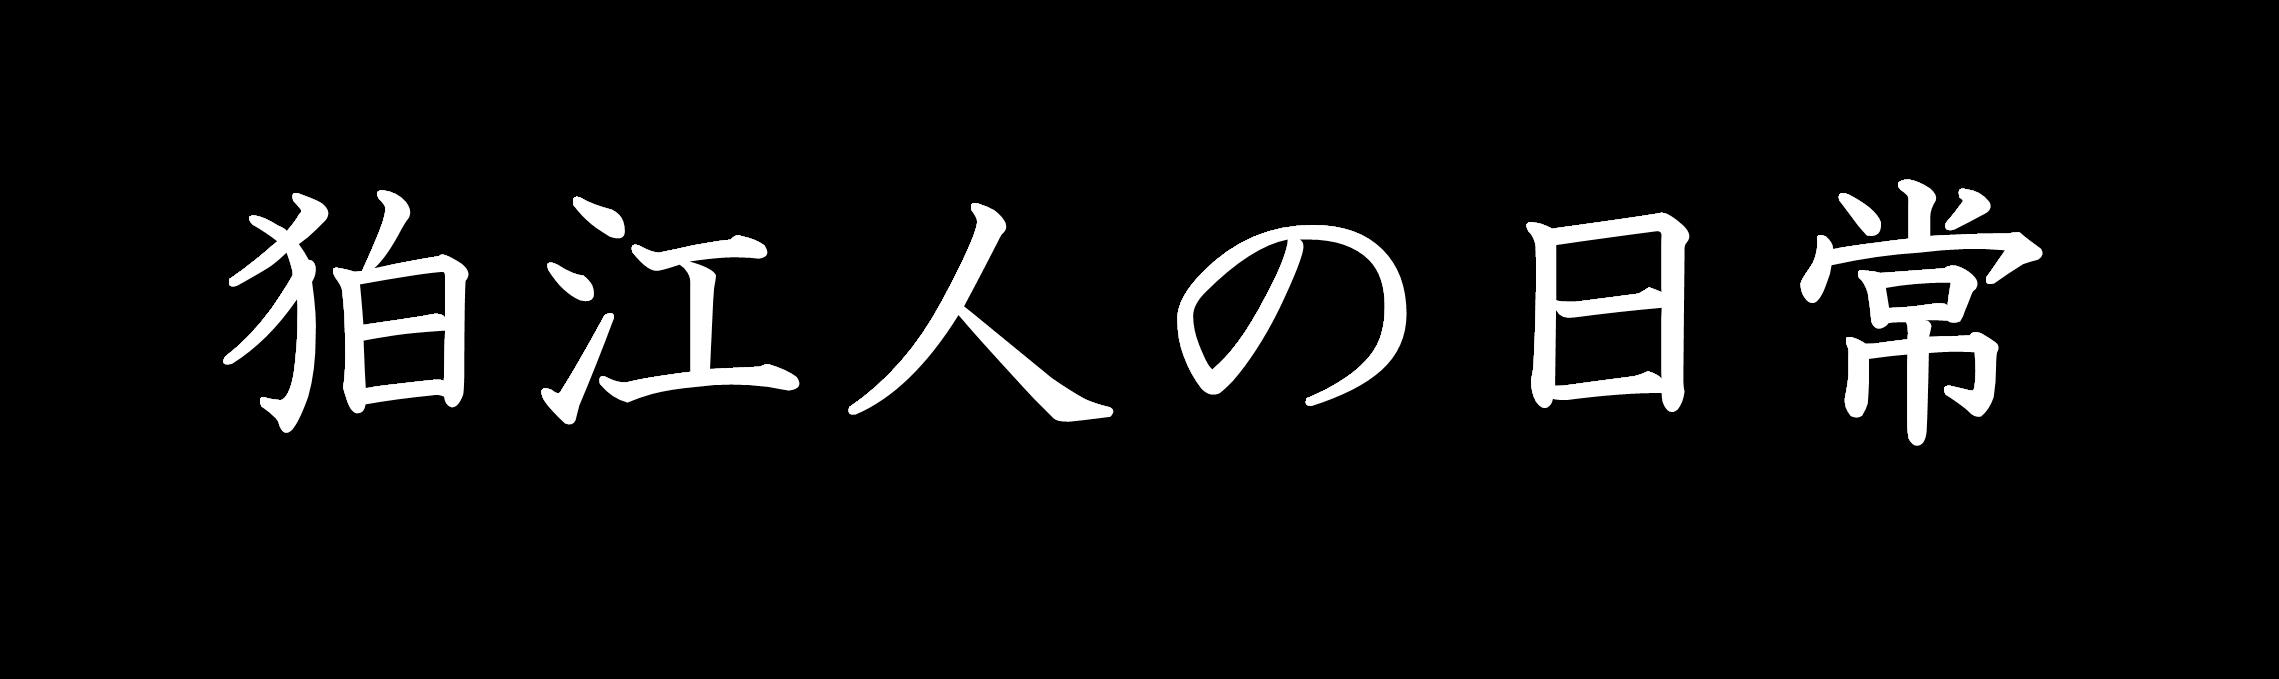 狛江人の日常